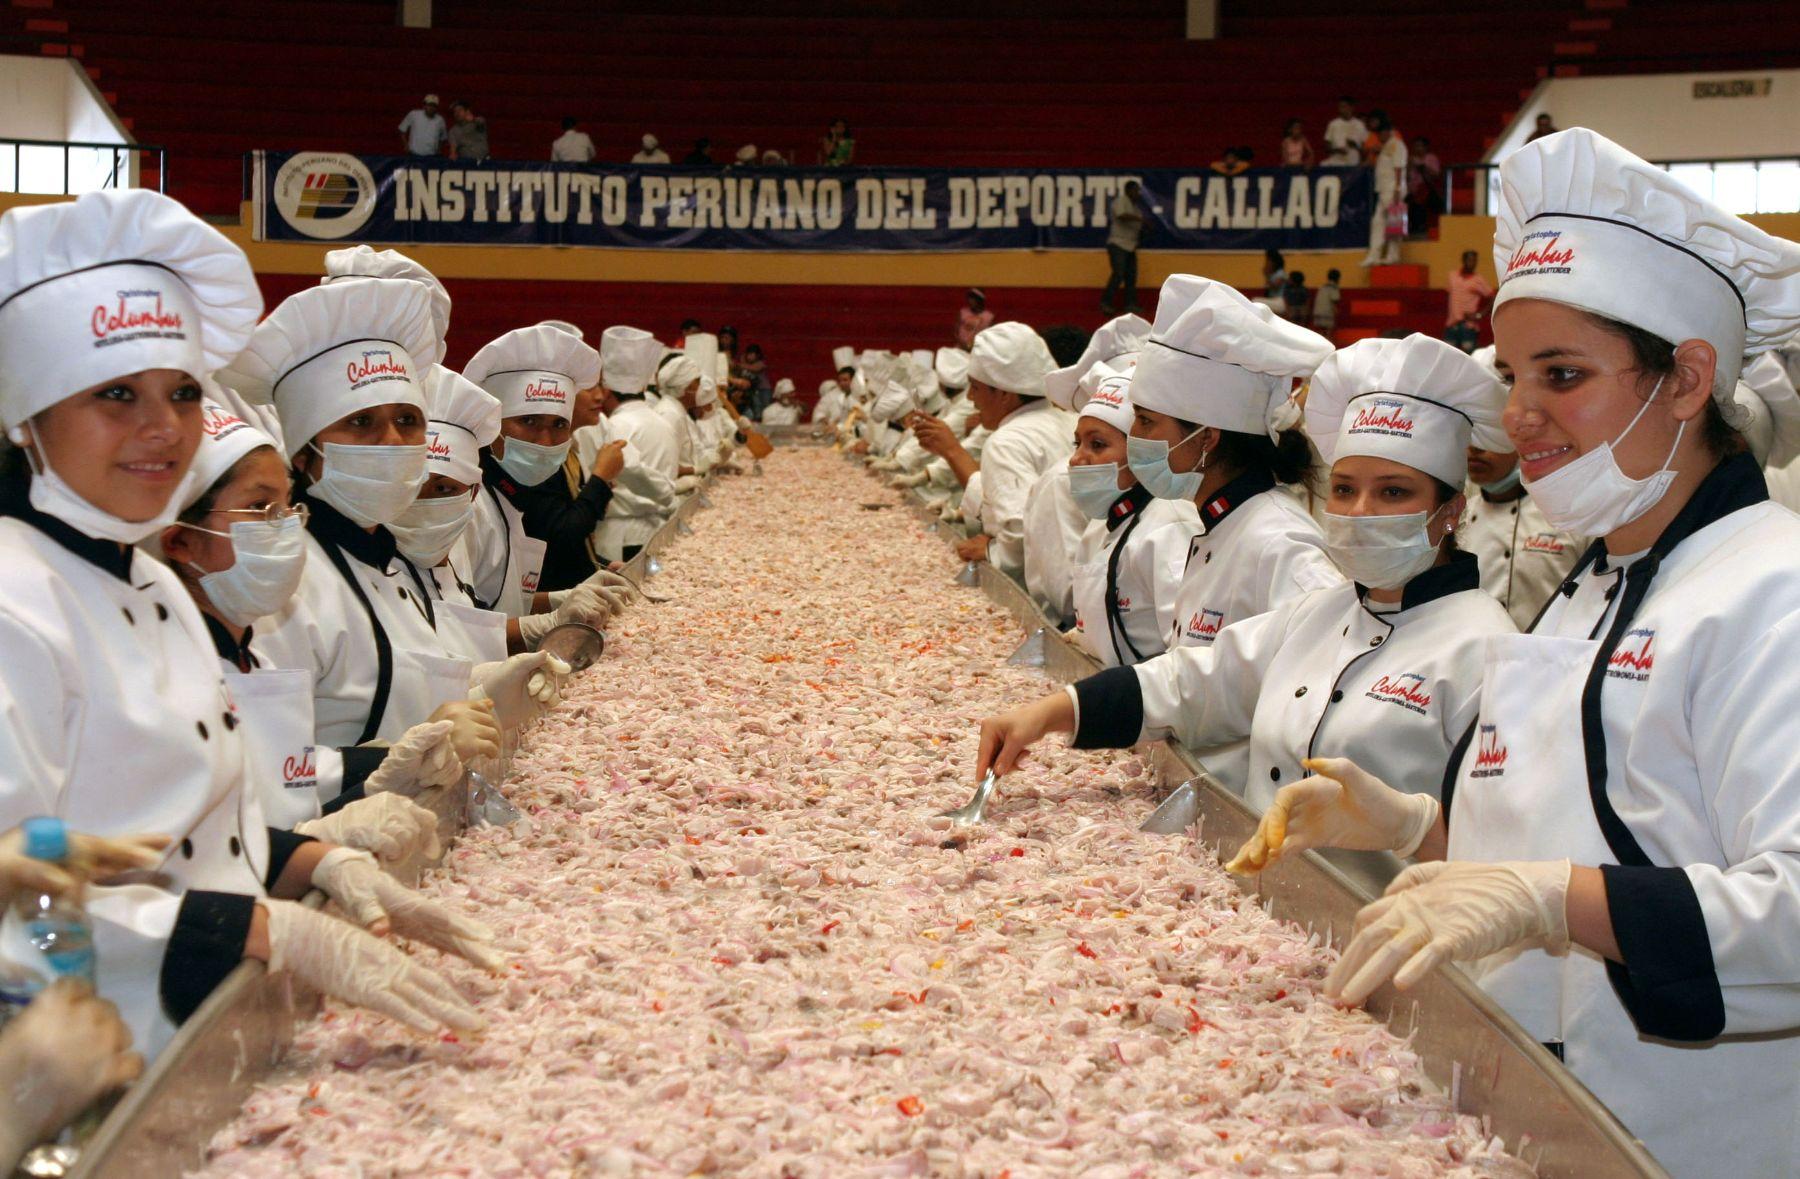 Chalacos preparan el ceviche más grande del mundo, con casi siete toneladas de pescado. Foto: ANDINA/Archivo.